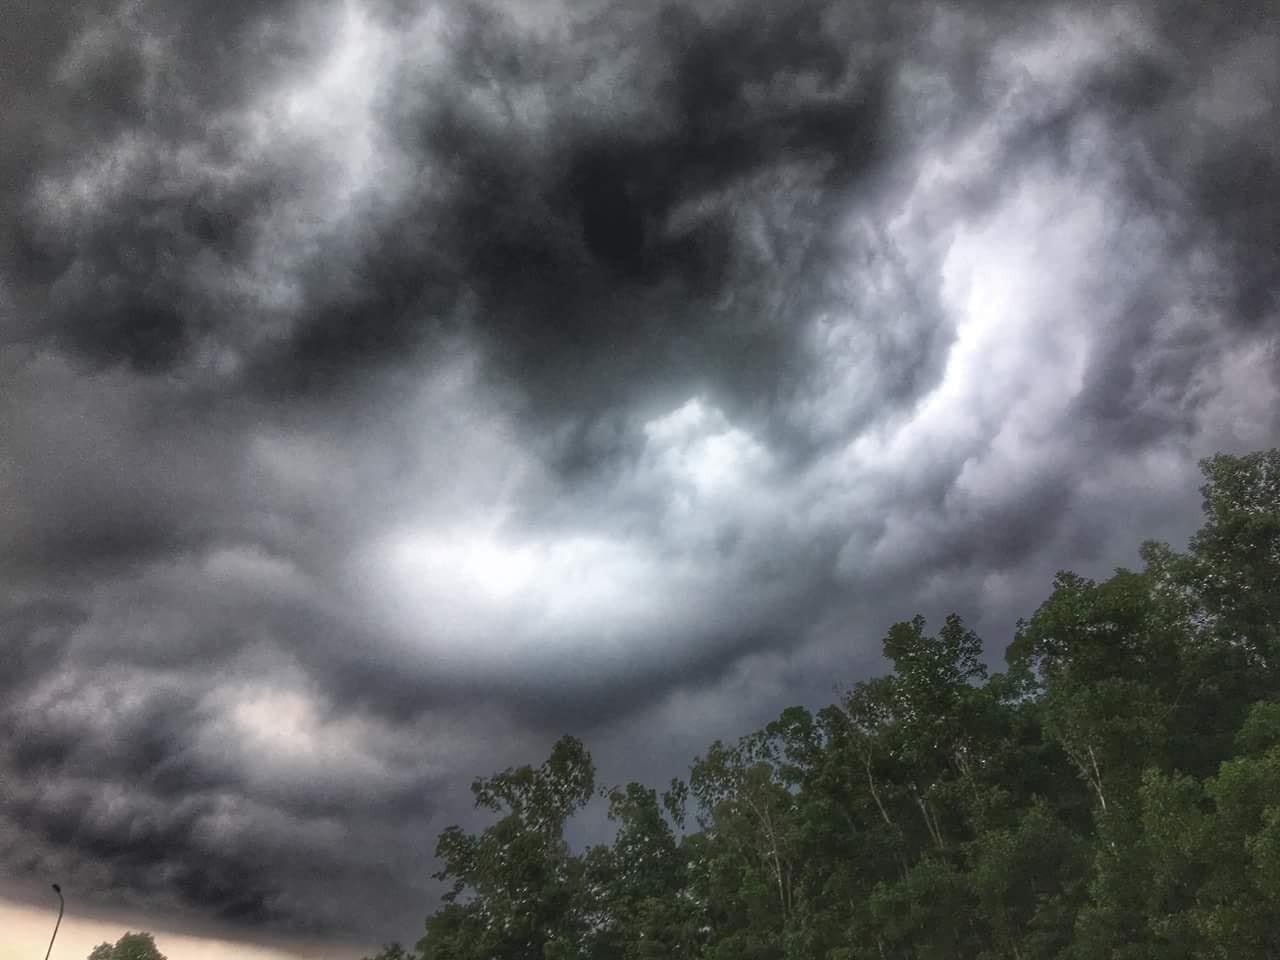 Hà Nội: Mây đen kéo đến phủ kín bầu trời thu đô như trong phim